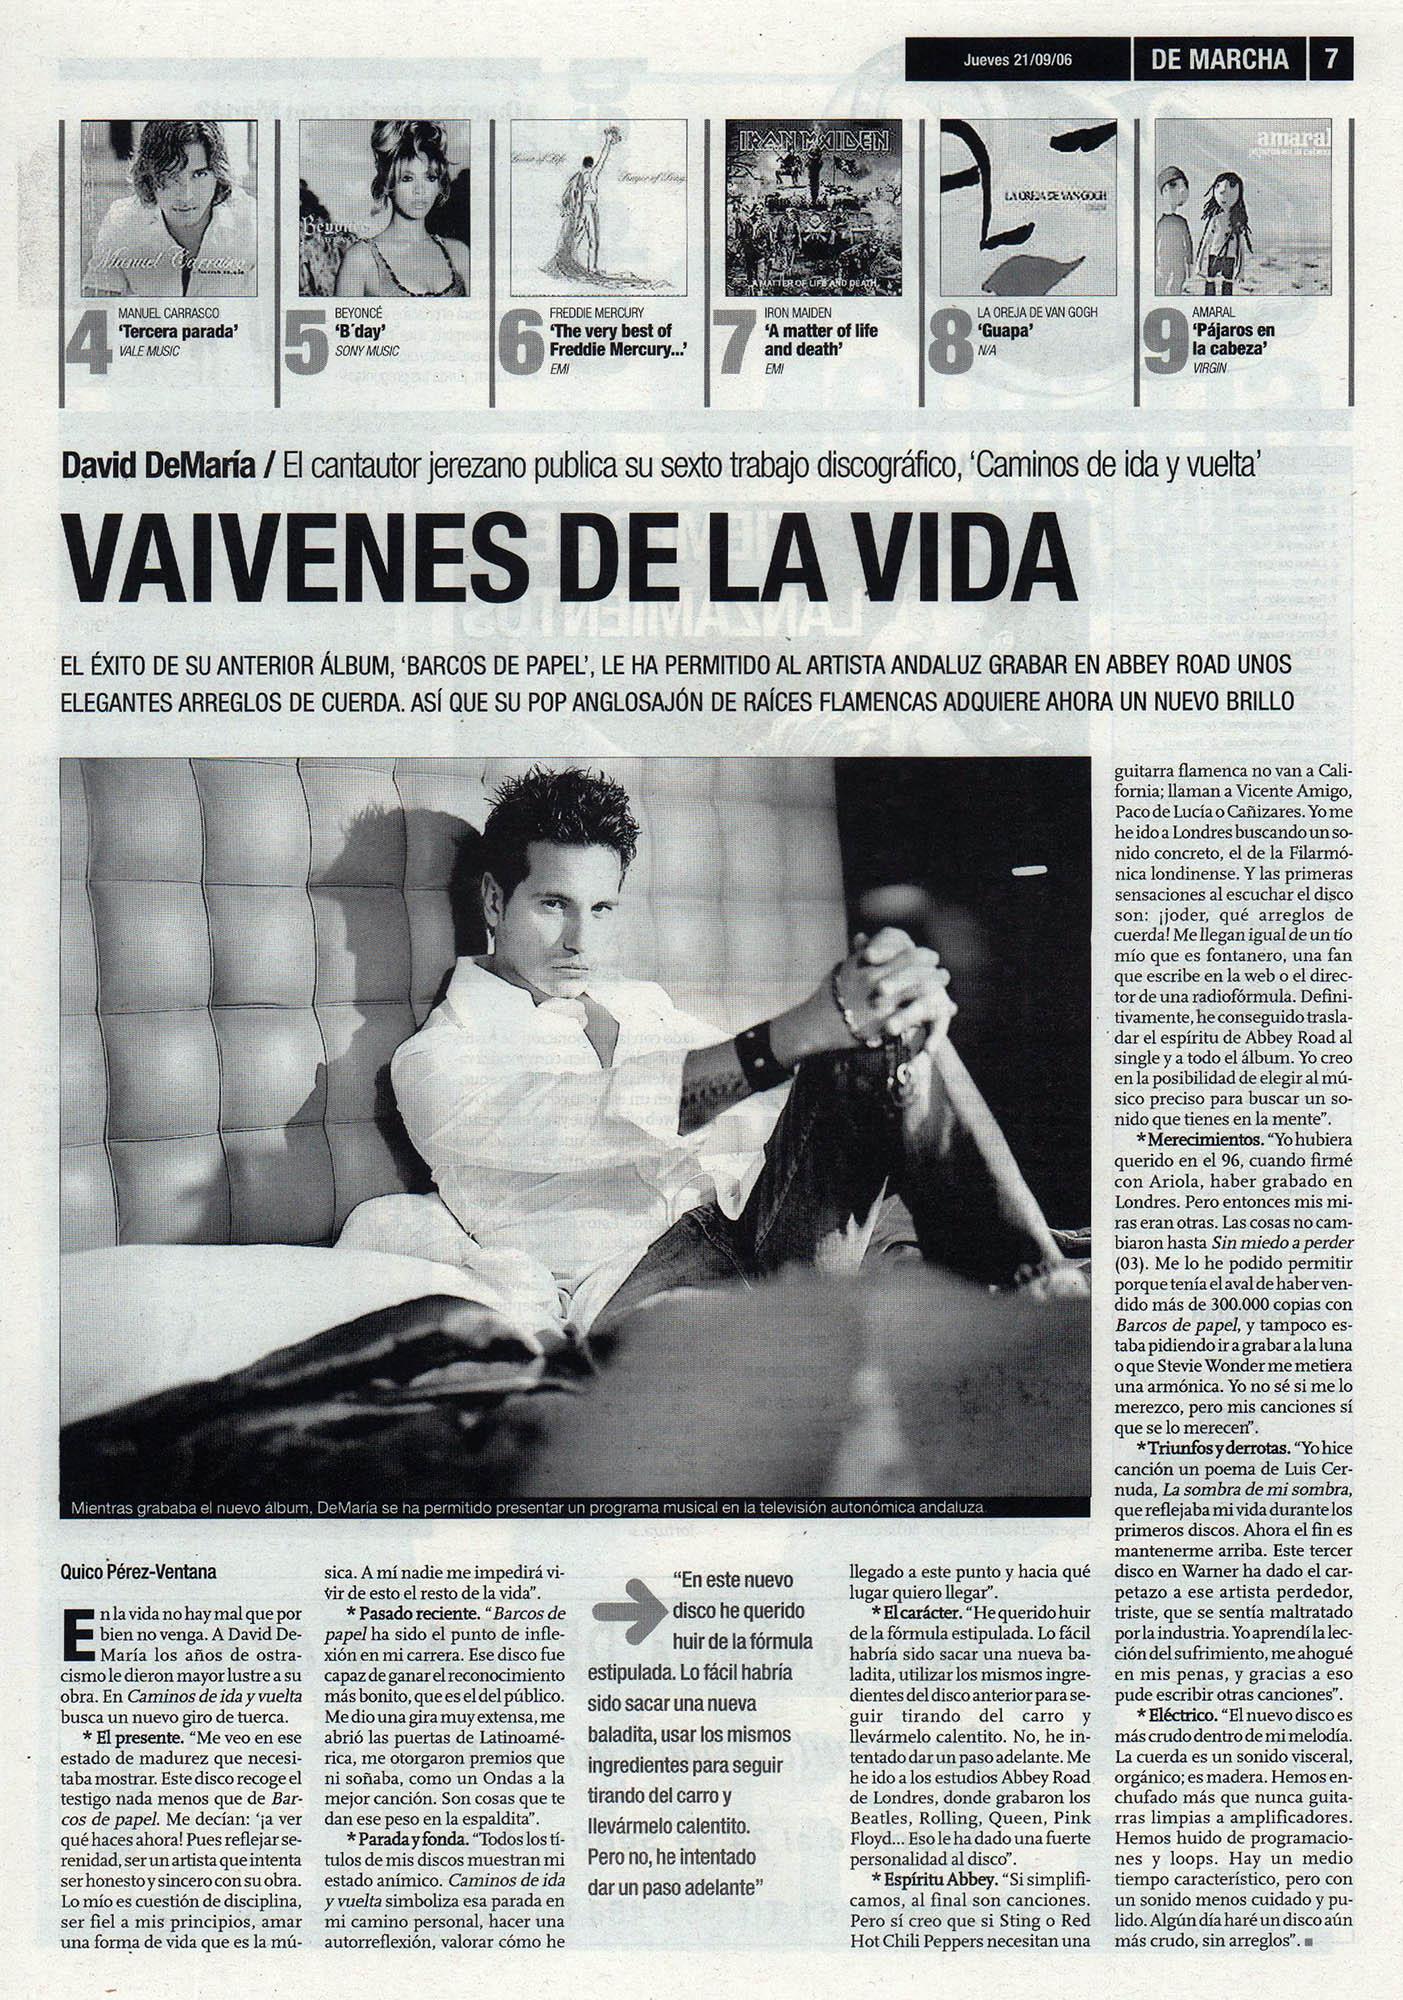 David deMaría, vaivenes de la vida | De Marcha - El Correo | 21 sep 2006